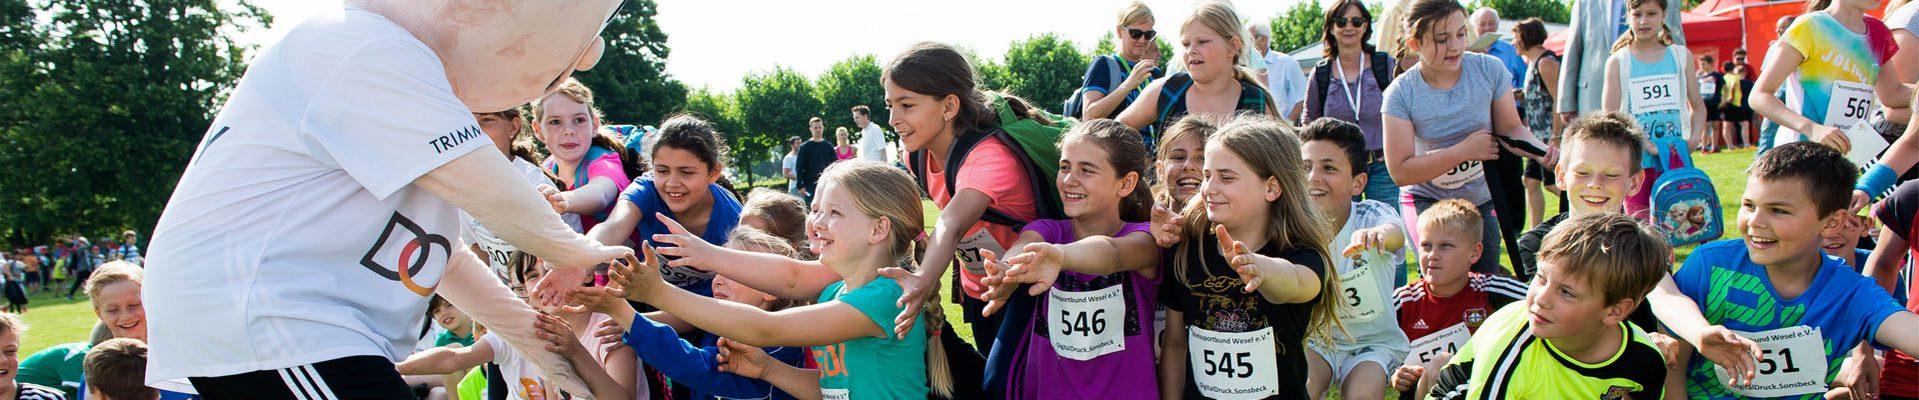 Headerbild Sportabzeichen: Kinder begrüßen beim Sportabzeichen-Tag in Xanten den Trimmy